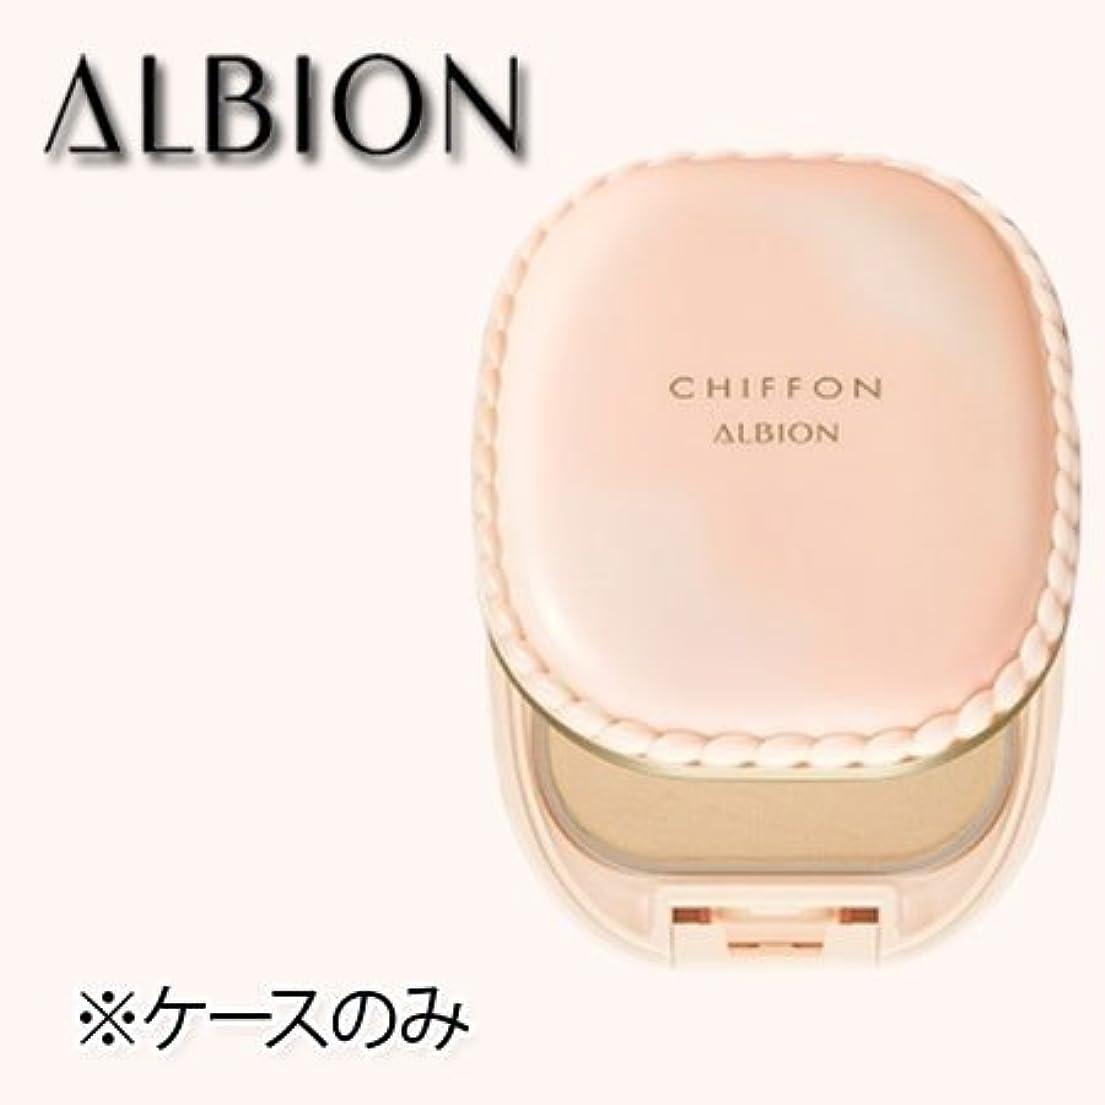 過去破滅的な品揃えアルビオン スウィート モイスチュア シフォンケース (マット付ケース) -ALBION-